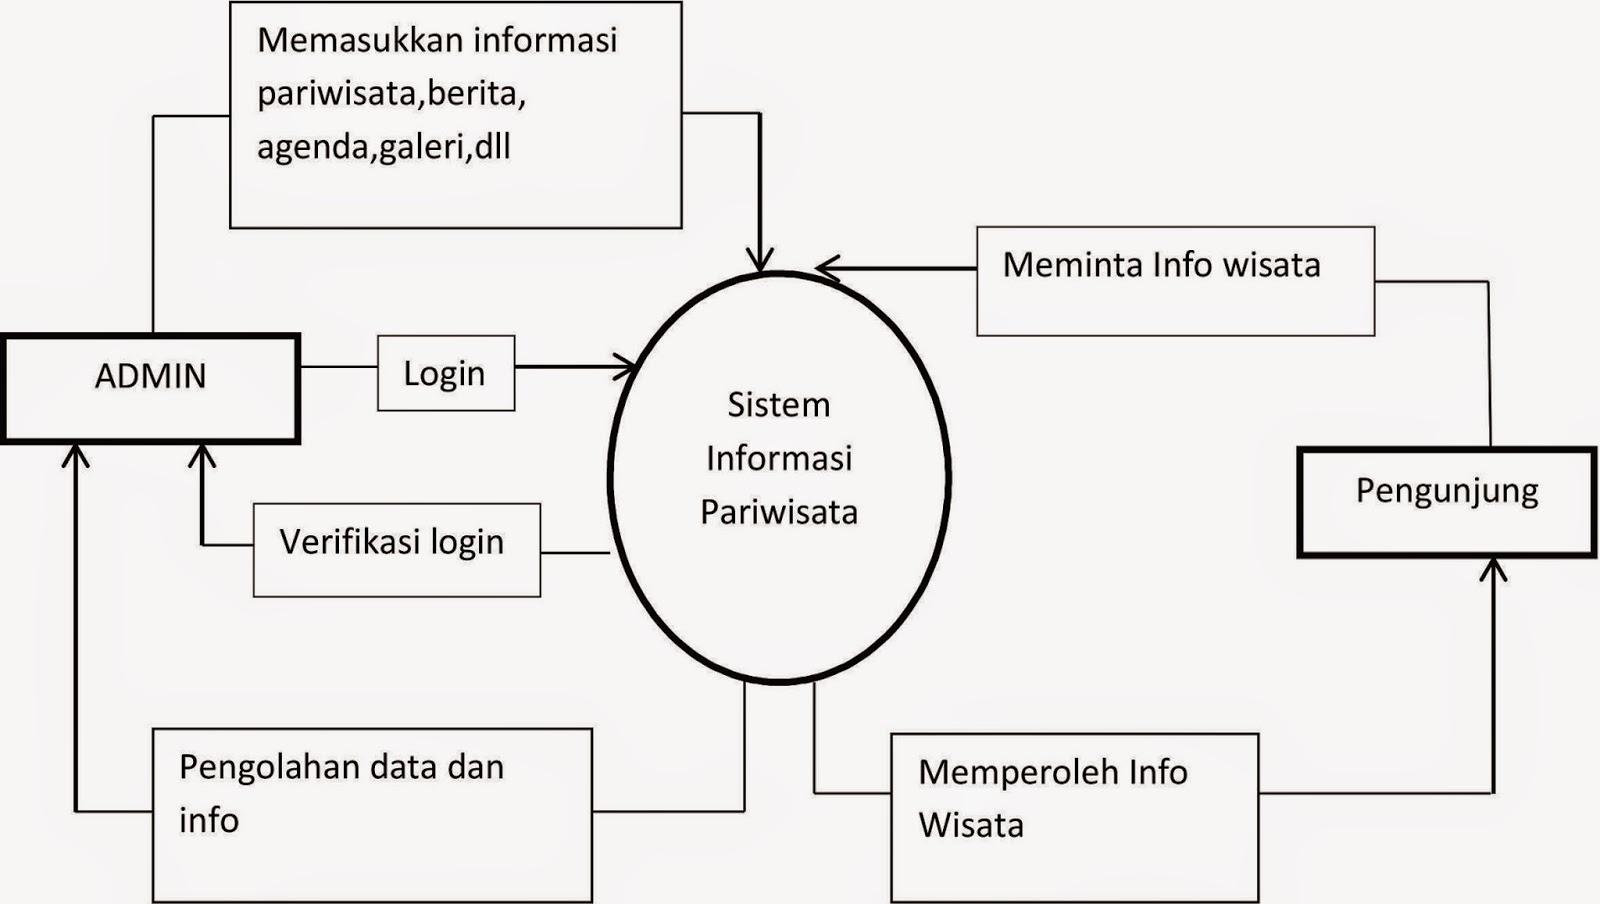 Radhitya blog perancangan sistem informasi pariwisata dari diagram context di atas untuk mengelola system level user admin harus memiliki login yang benar untuk dapat menuju halaman admin pada system yang ccuart Image collections